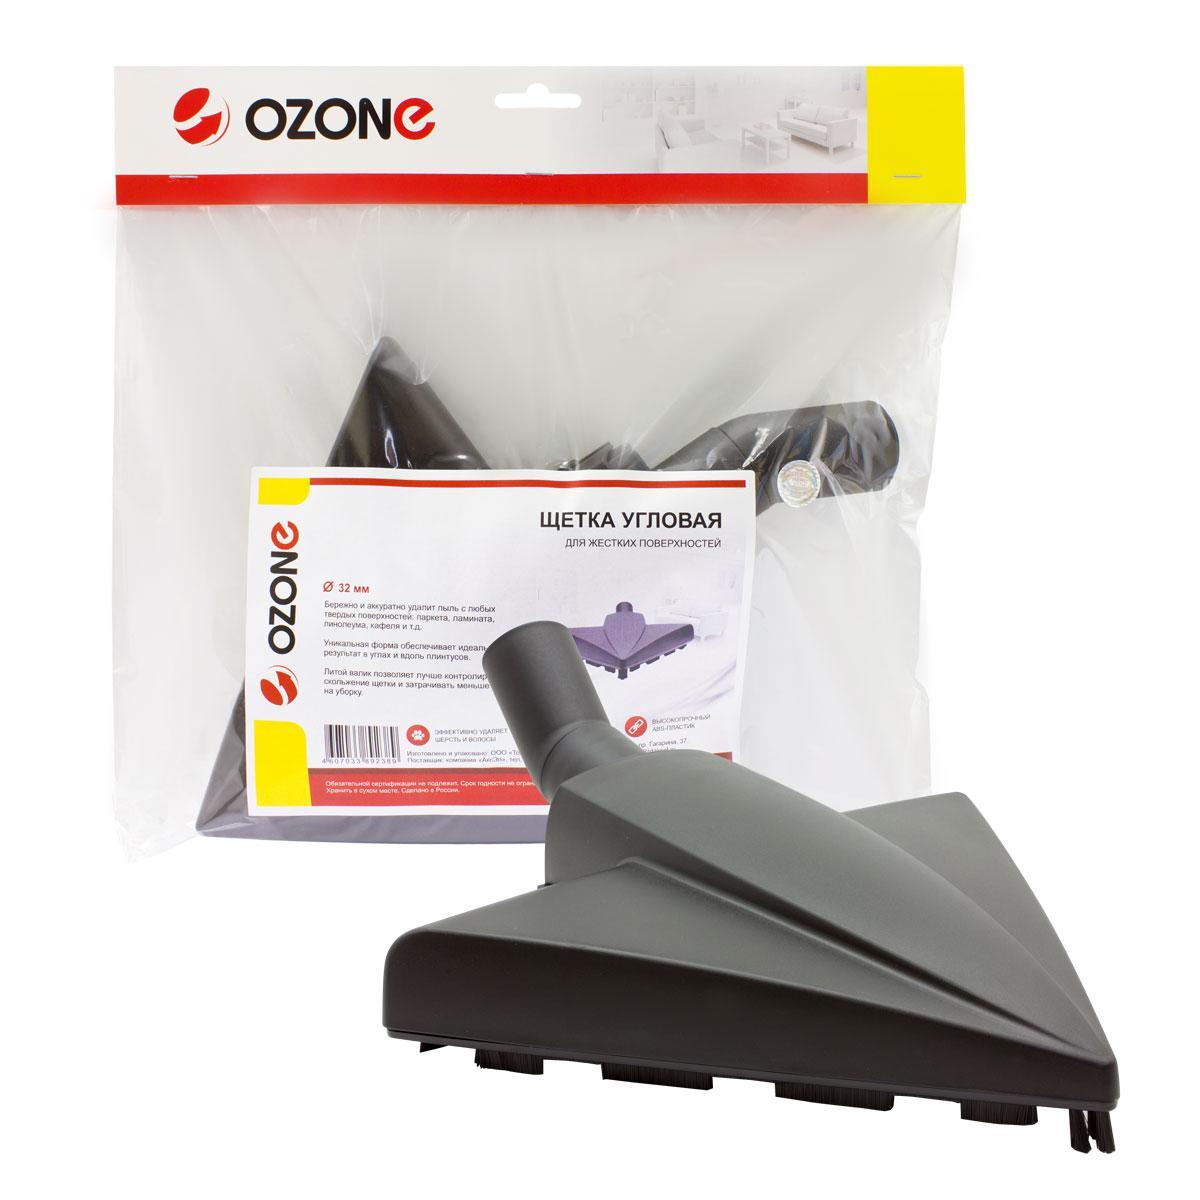 Щётка Ozone Un-5532 nowley nowley 8 5532 0 6